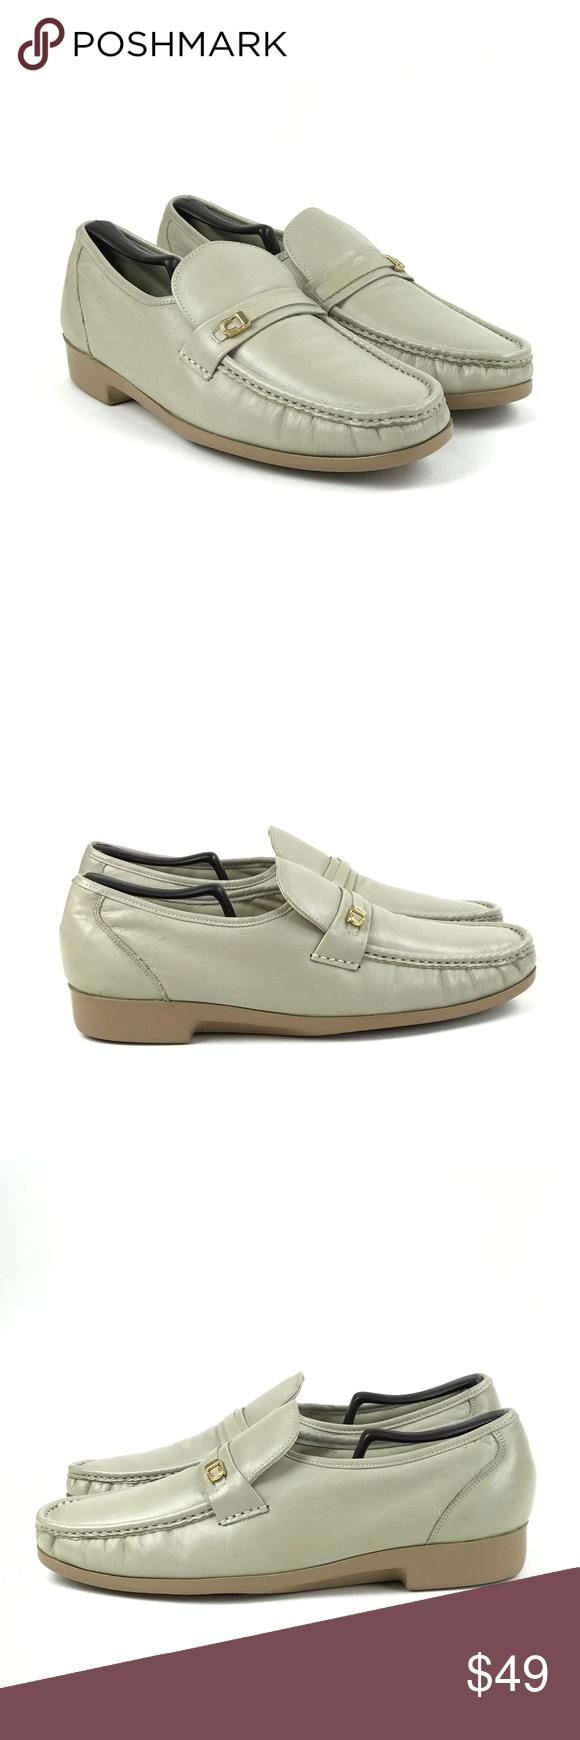 Florsheim Mens Milano Slip-On Loafer